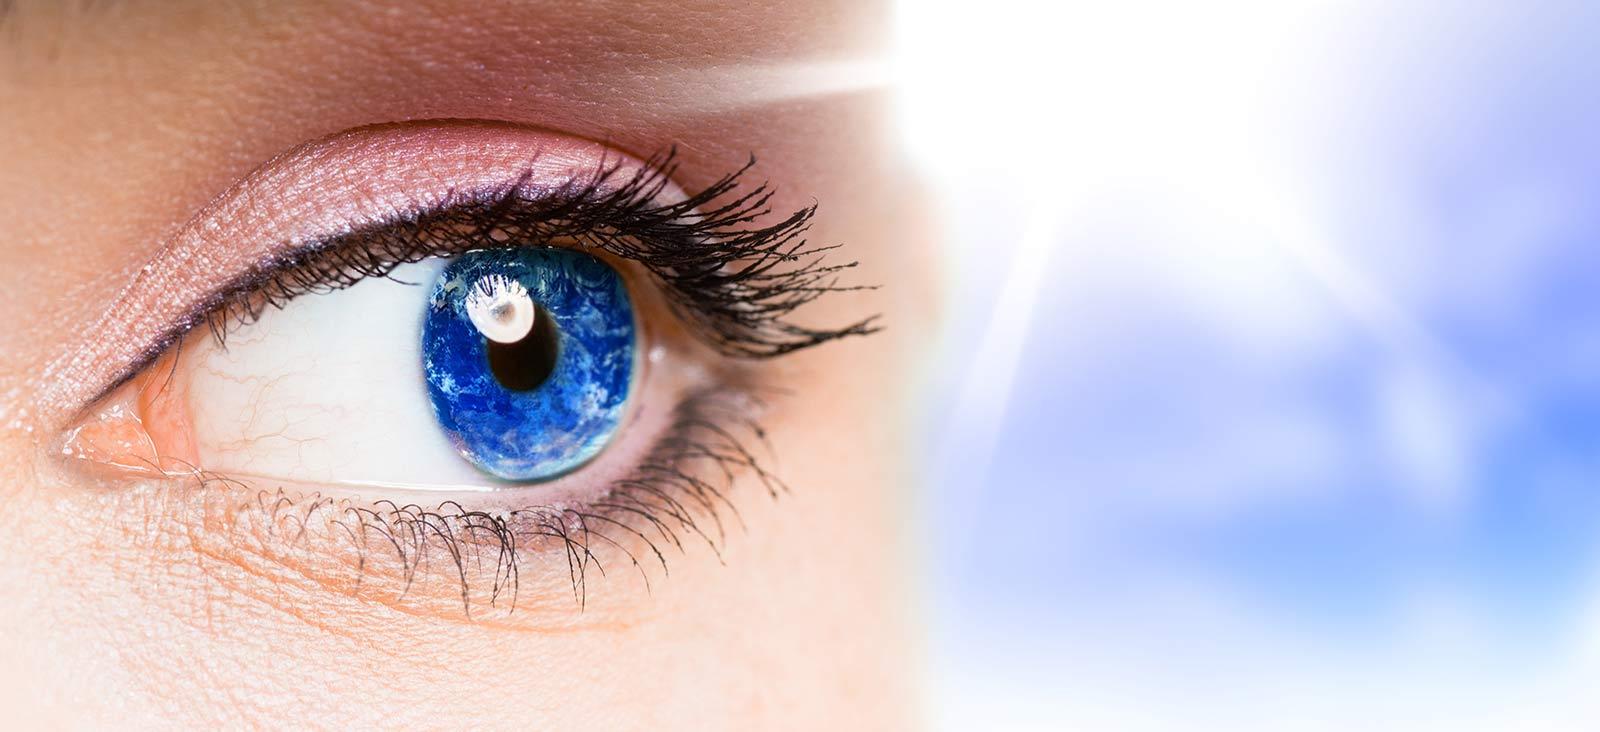 801dec1733e6 Occhi sensibili alla luce  c è un rimedio  - Lisi   Bartolomei